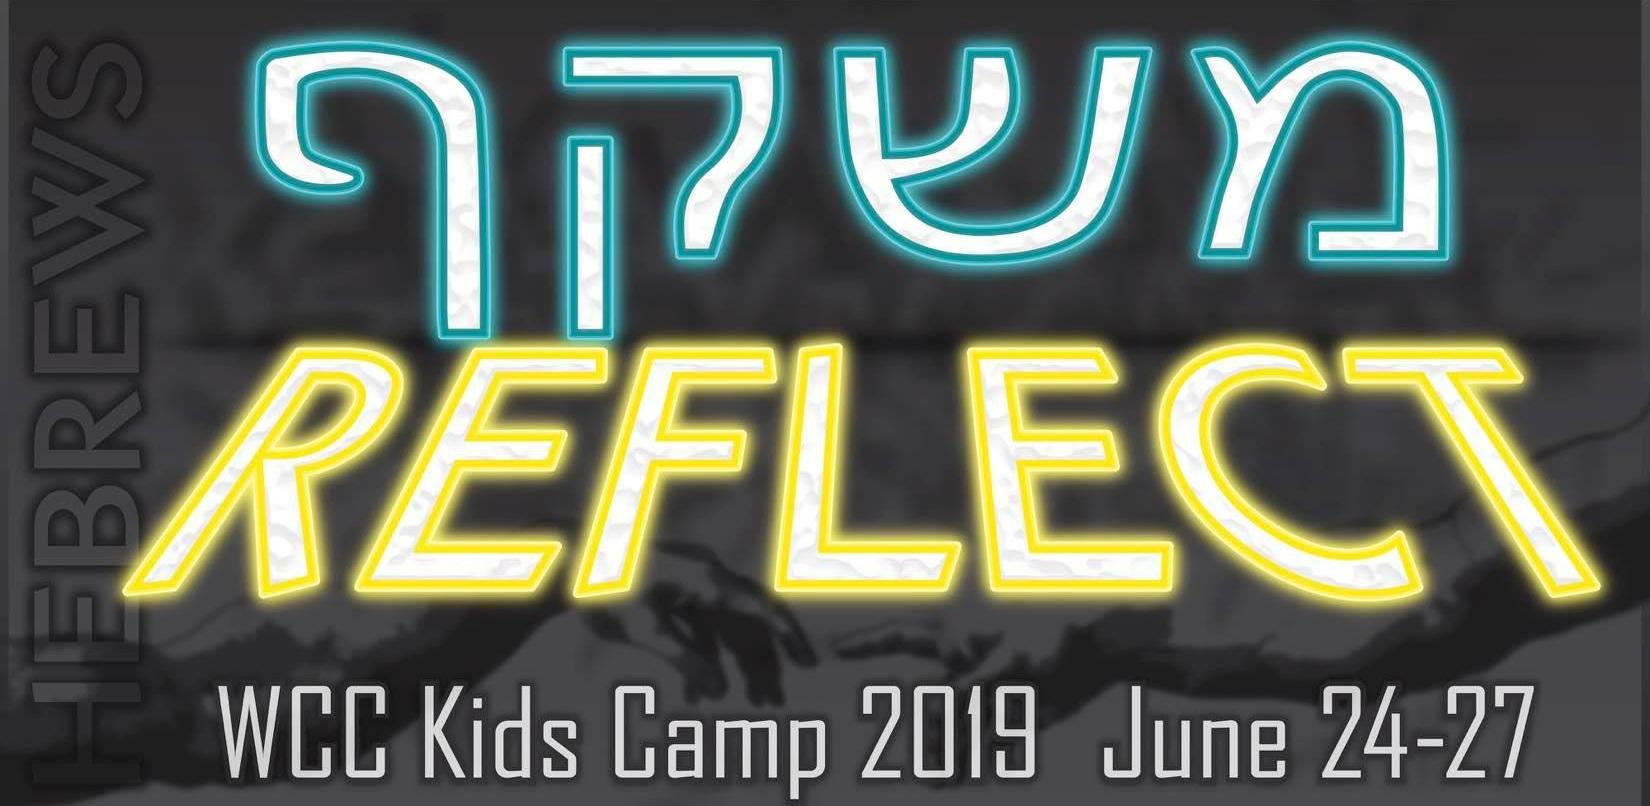 Sign up for kids camp! - Registration deadline June 1. Click here for details >